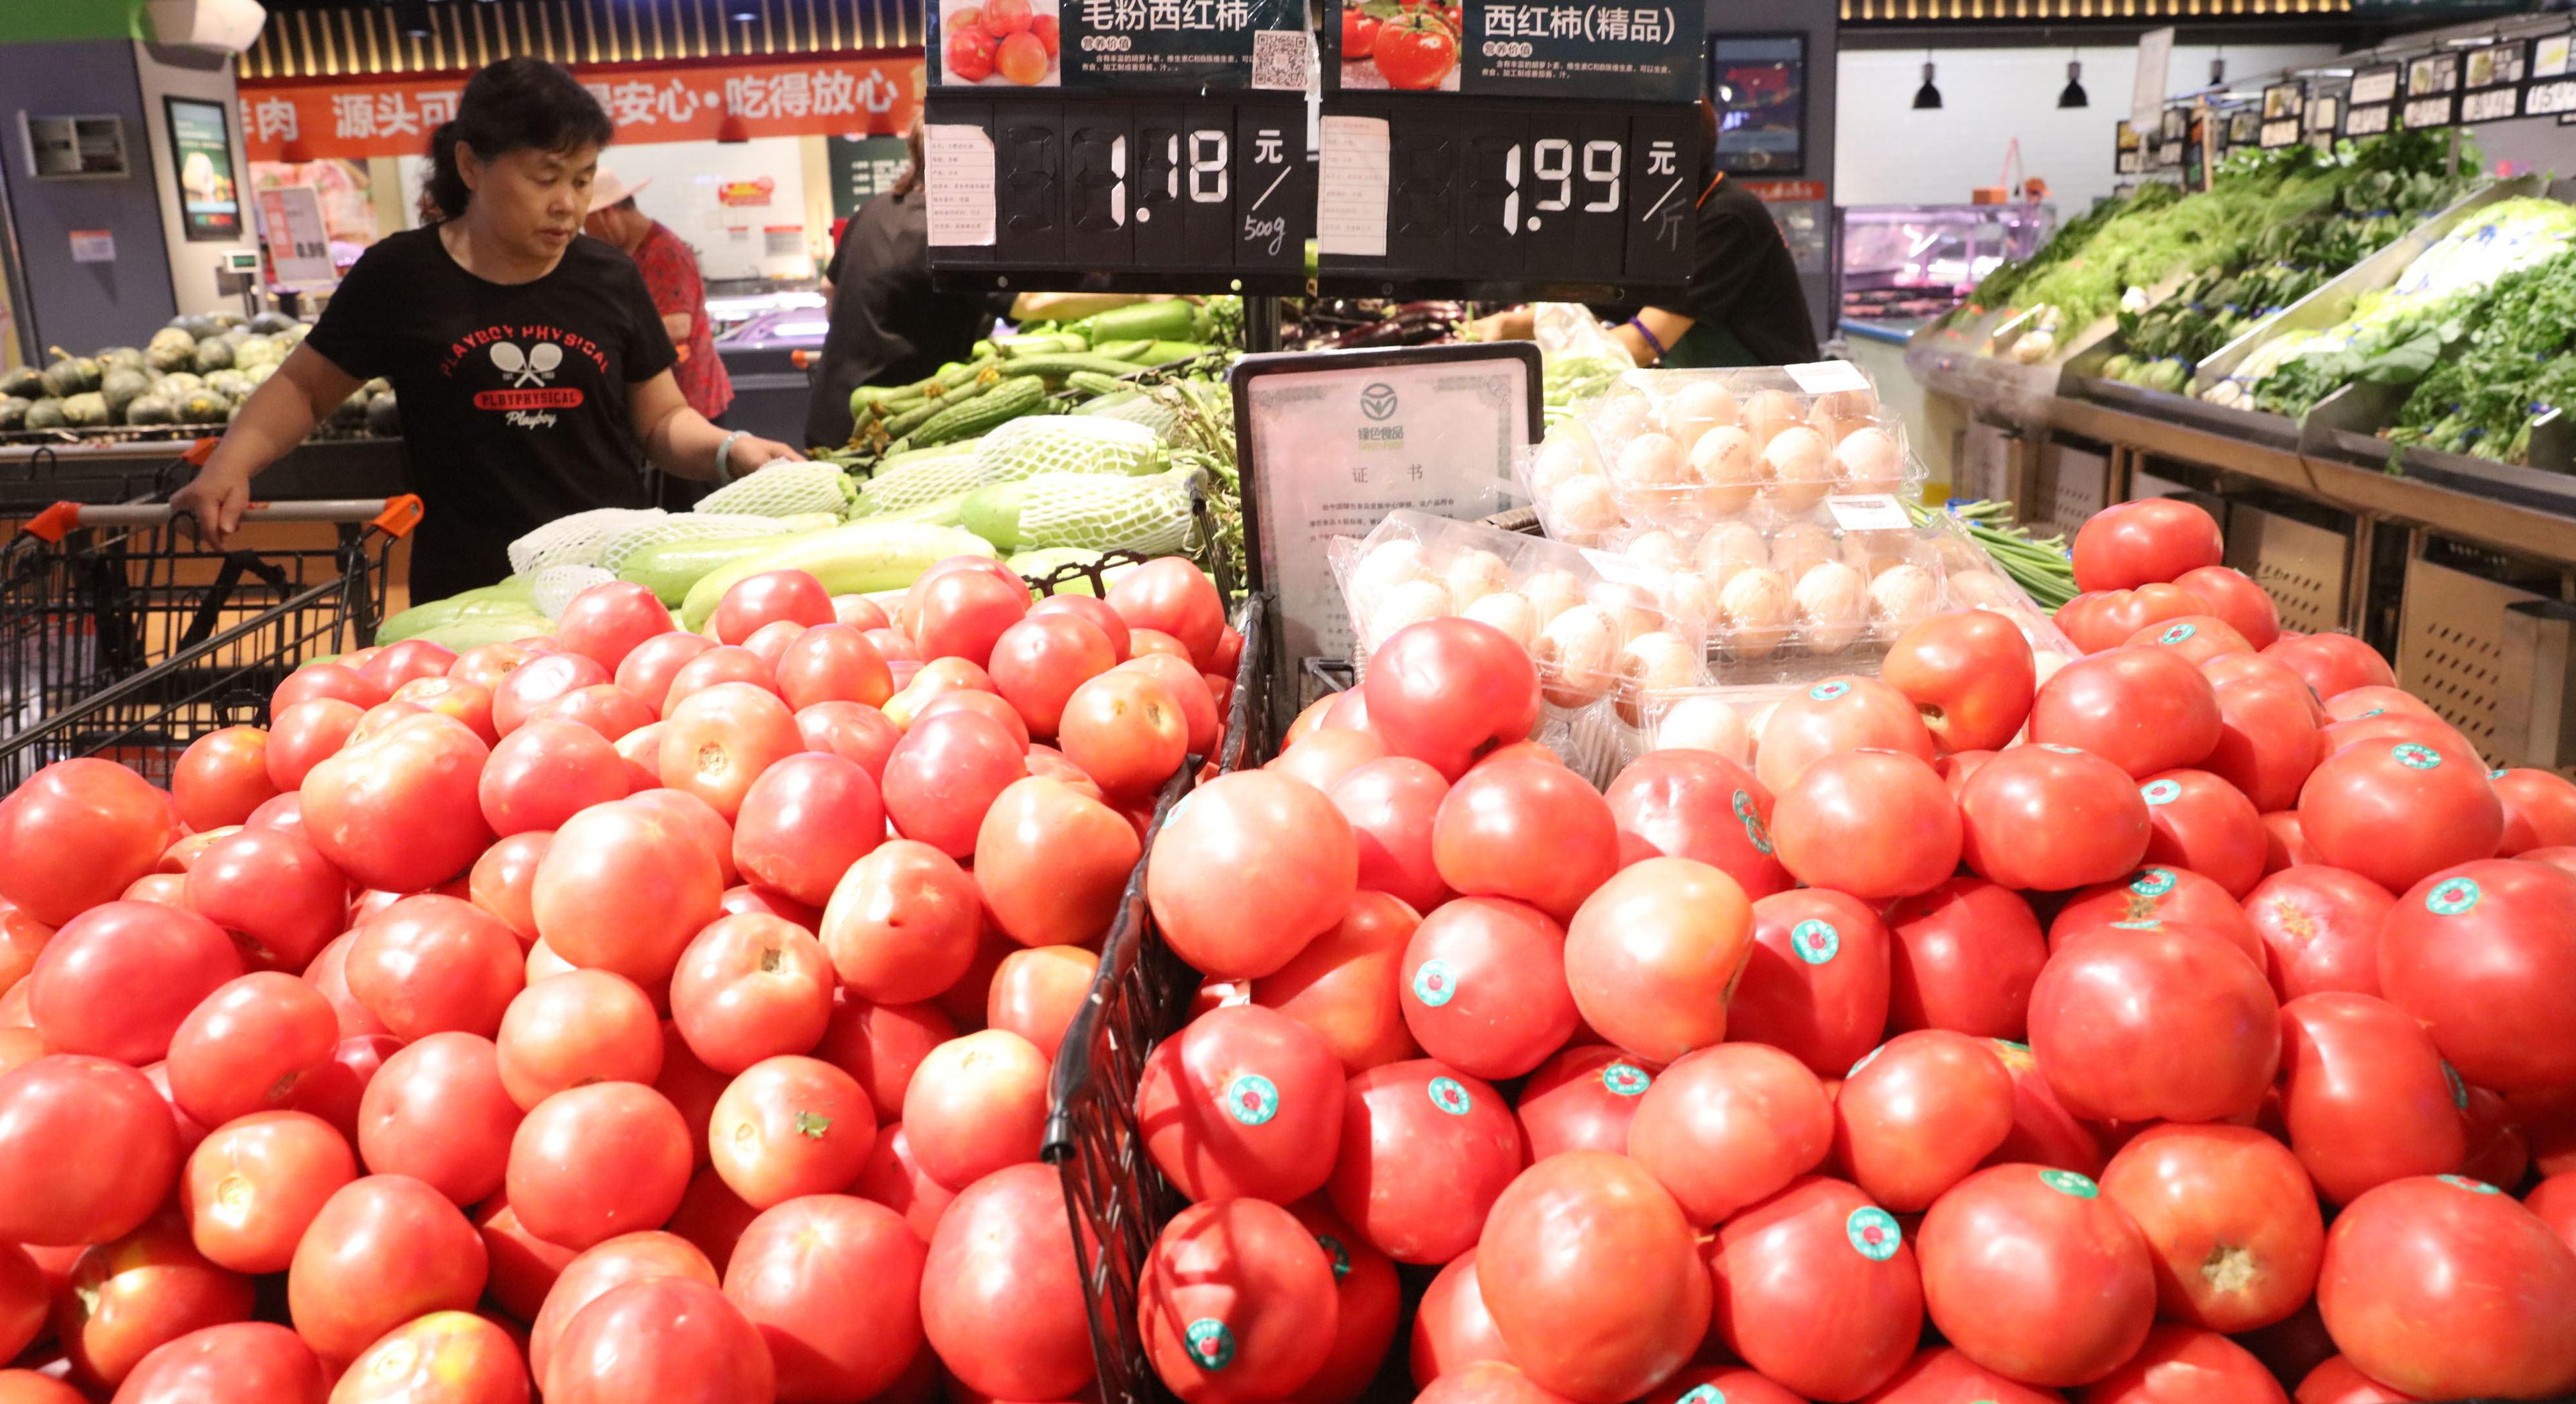 """蔬果价格还会不会上涨?信用记录""""黑名单""""会不会泛化?……这些老百姓关注的话题发改委都回应了"""